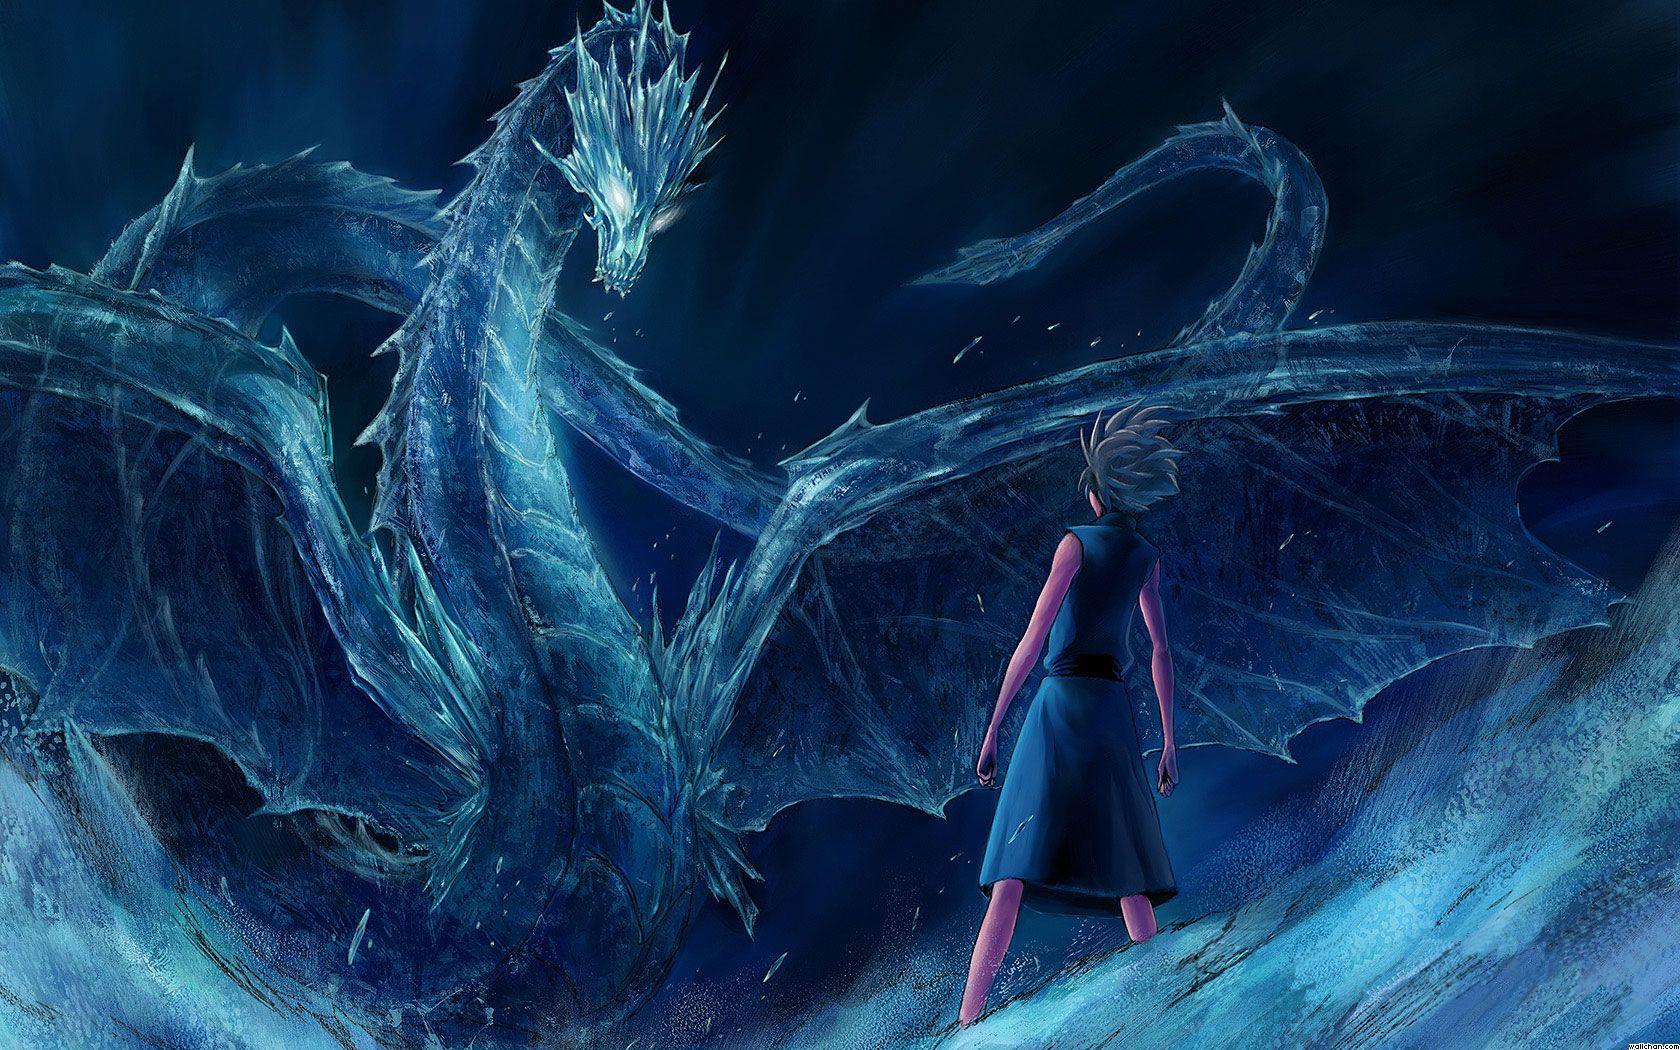 Blue Dragon 27 Cool Wallpaper   Hivewallpapercom 1680x1050